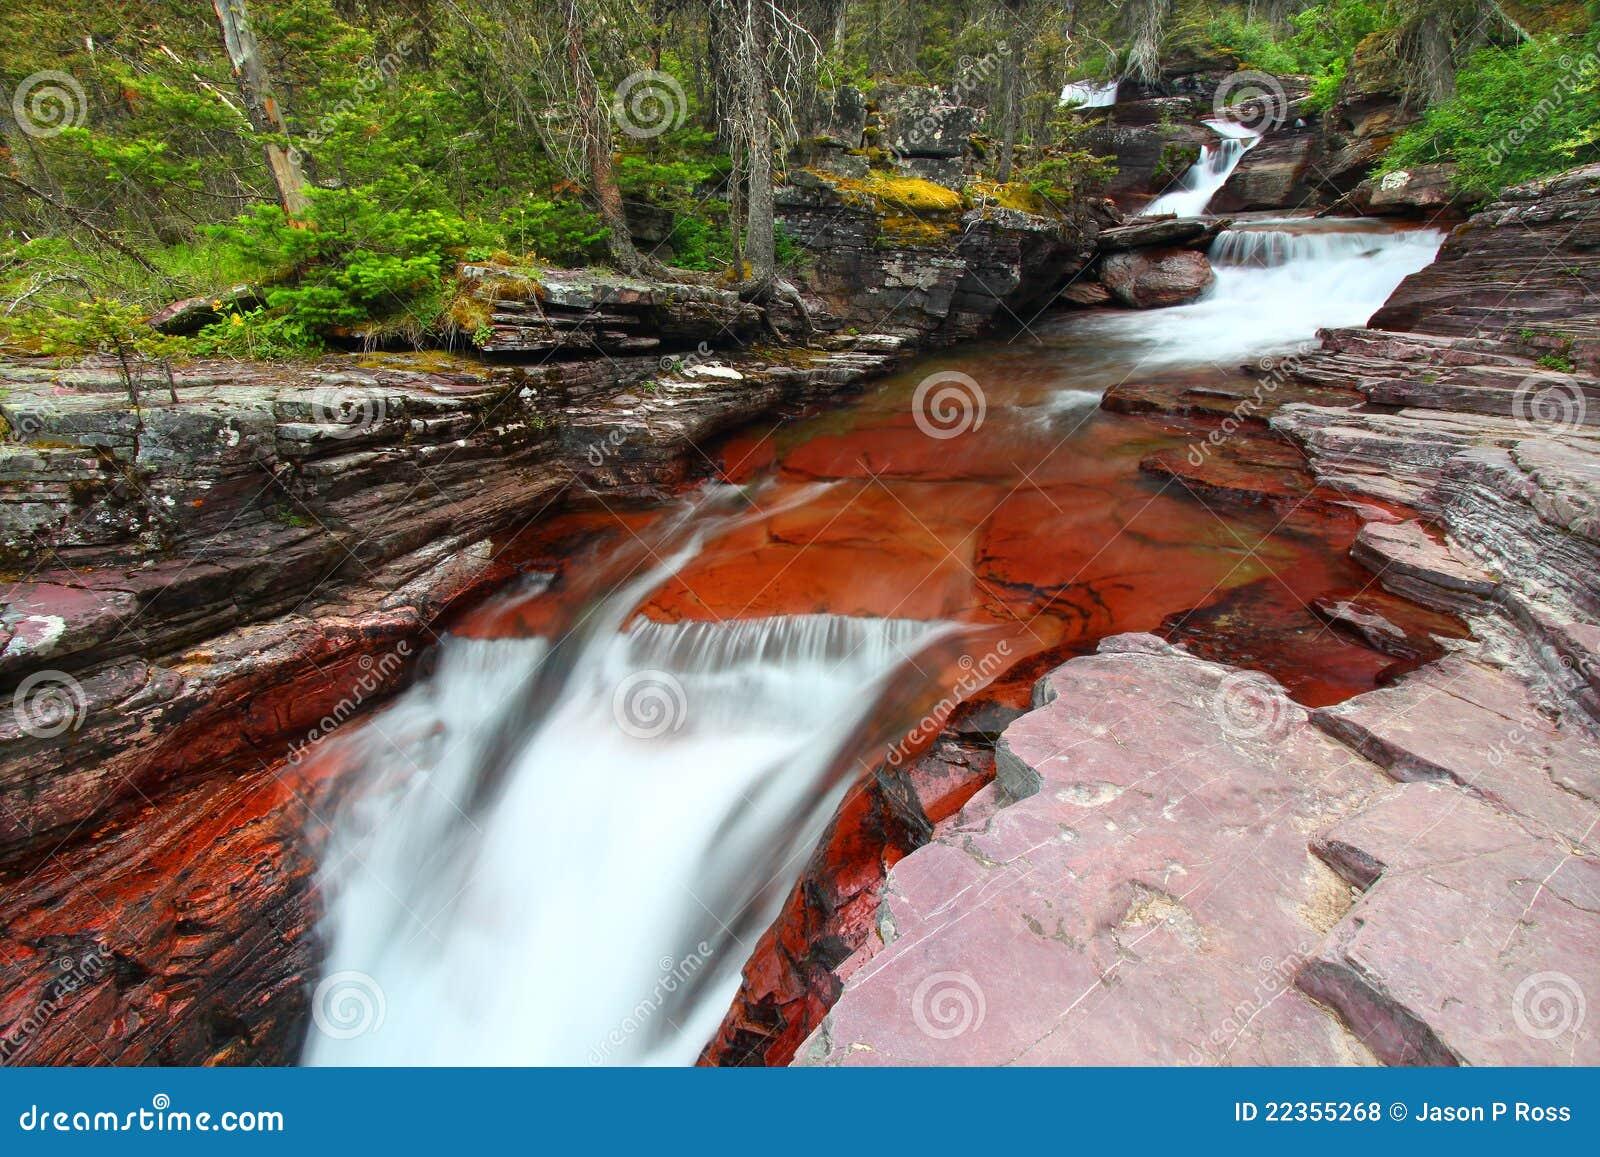 级联冰川国家公园